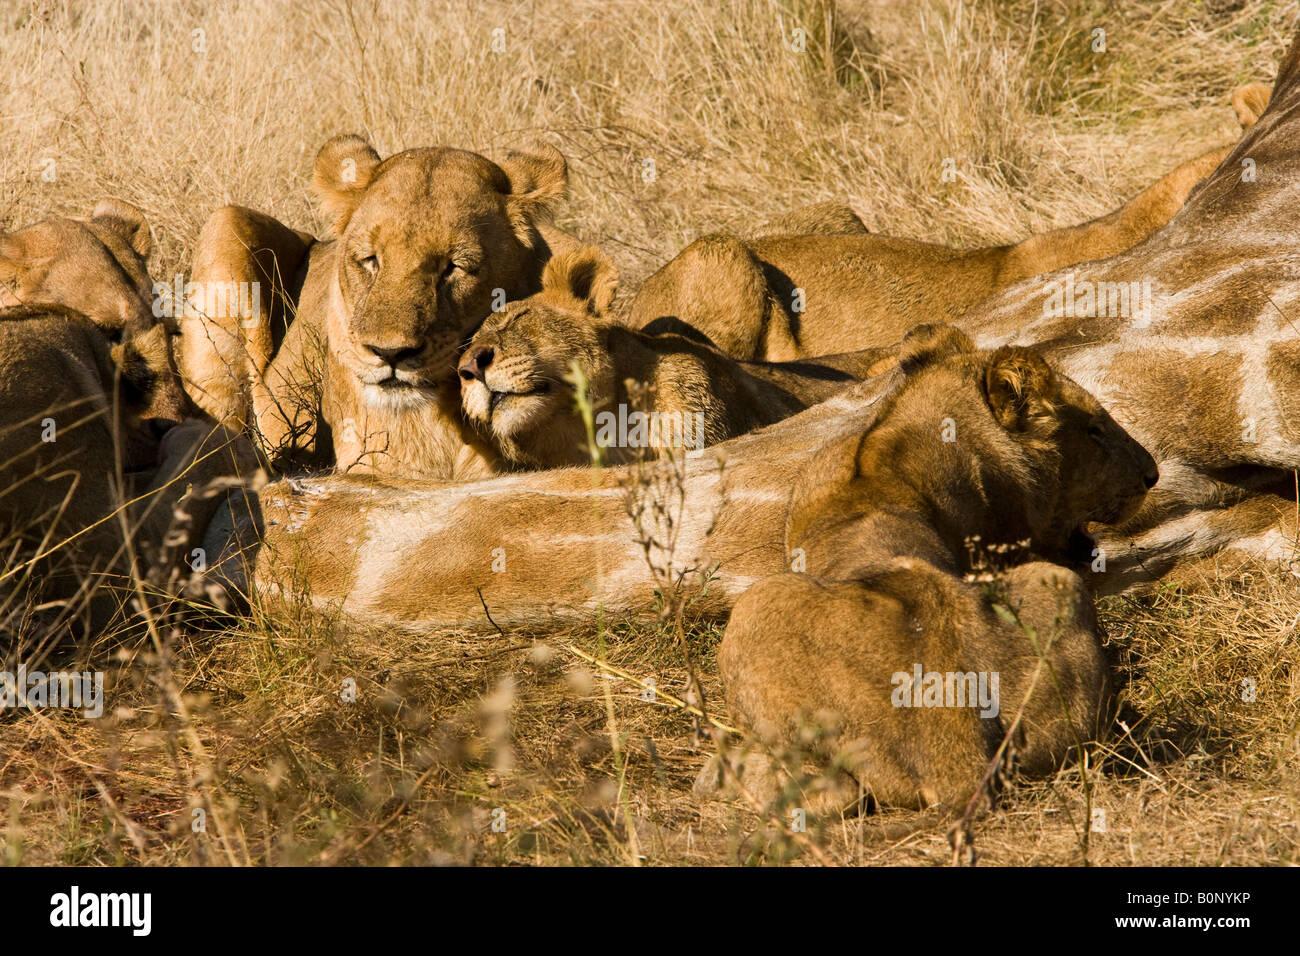 Lion cub Panthera leo reibt liebevoll Kopf auf erwachsene Frau Löwe liegend neben Aas Giraffe vor kurzem getötet Stockbild